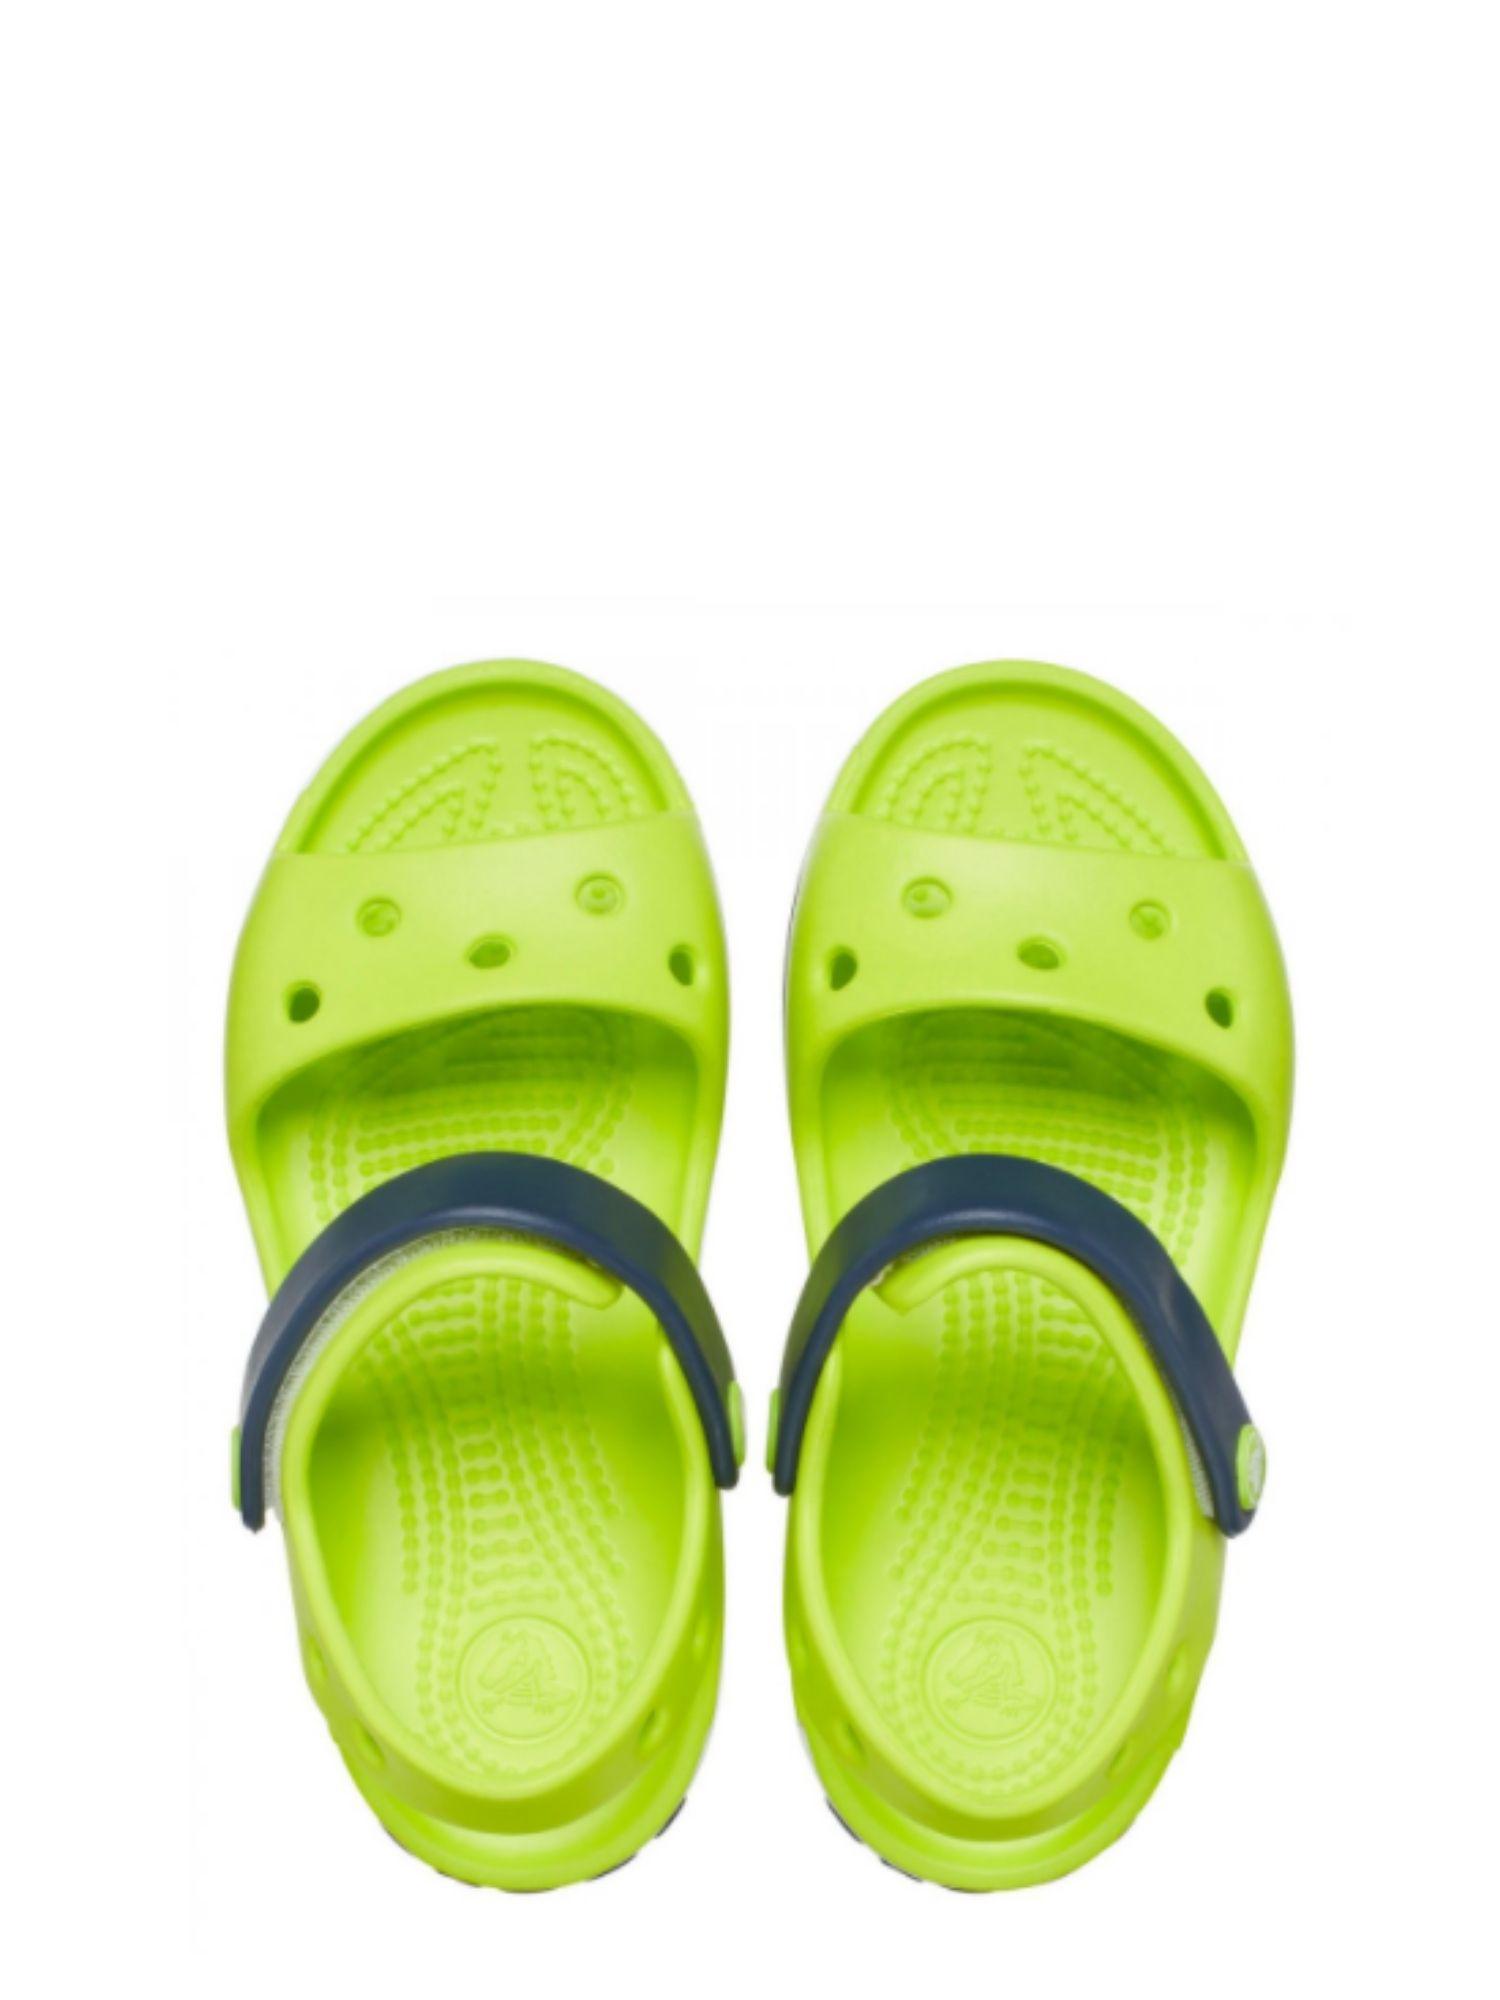 Sandalo Crocs bambino Crocband Sandalo K 12856 alto